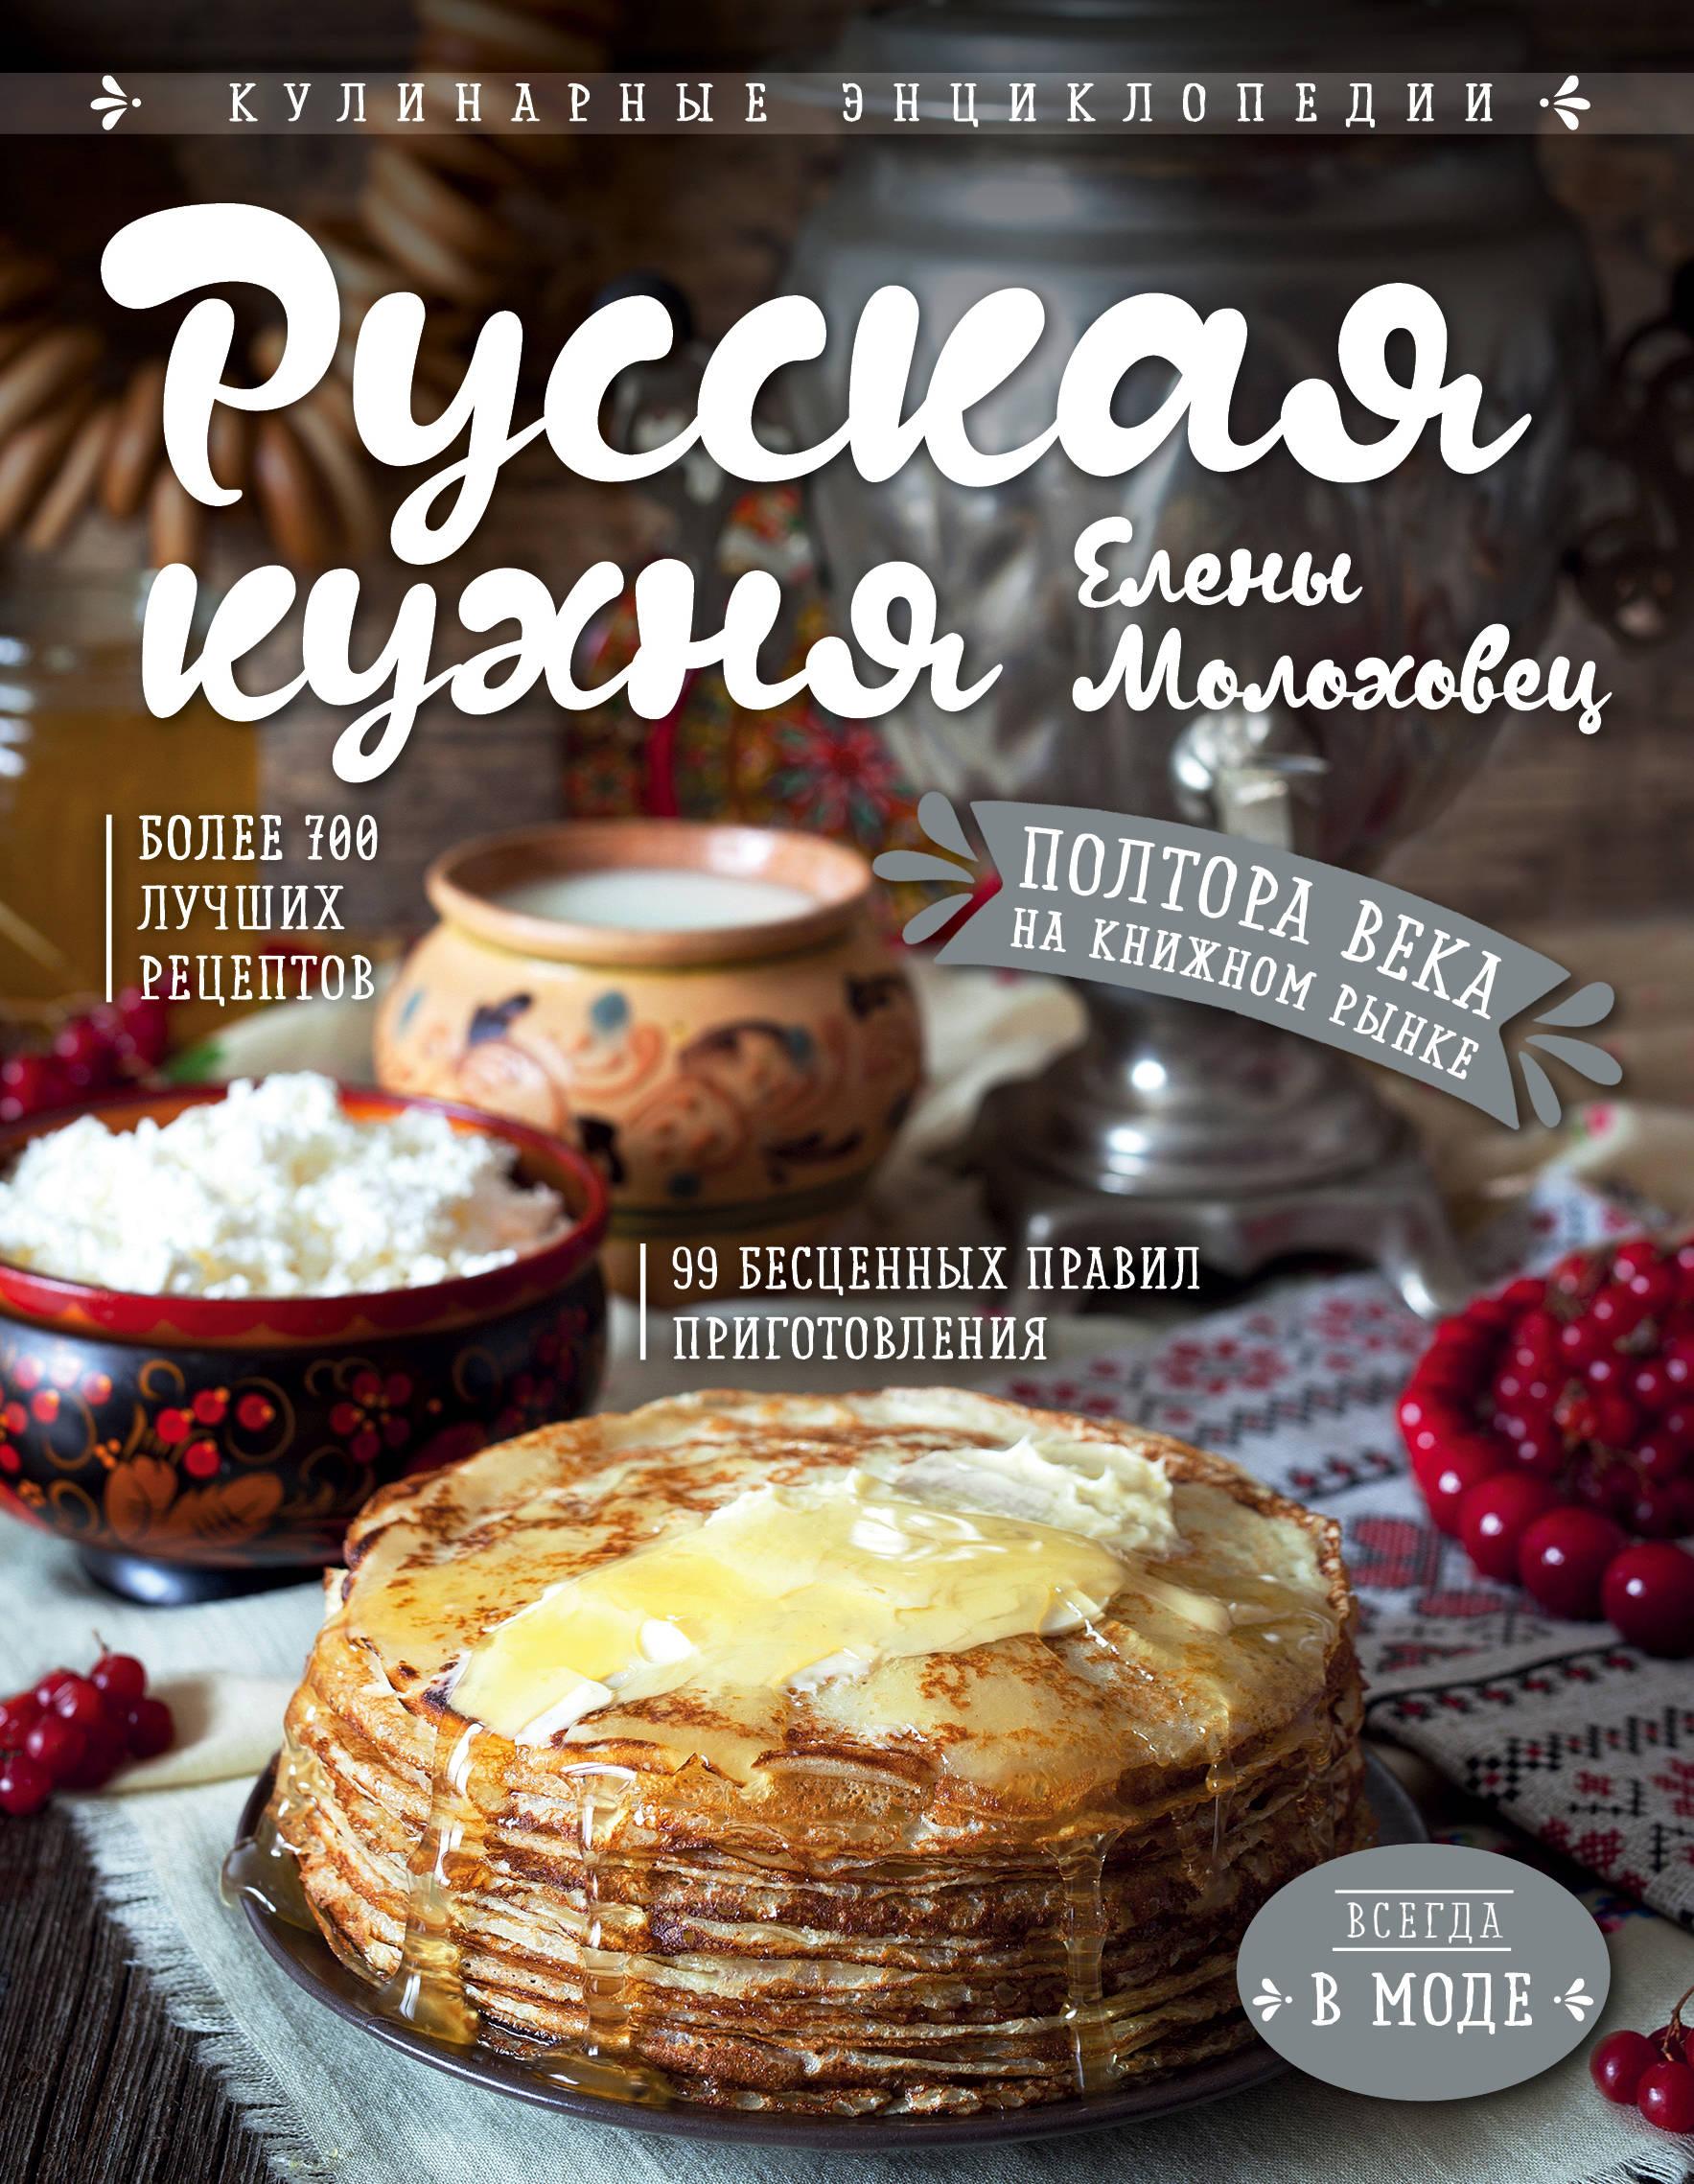 Russkaja kukhnja Eleny Molokhovets